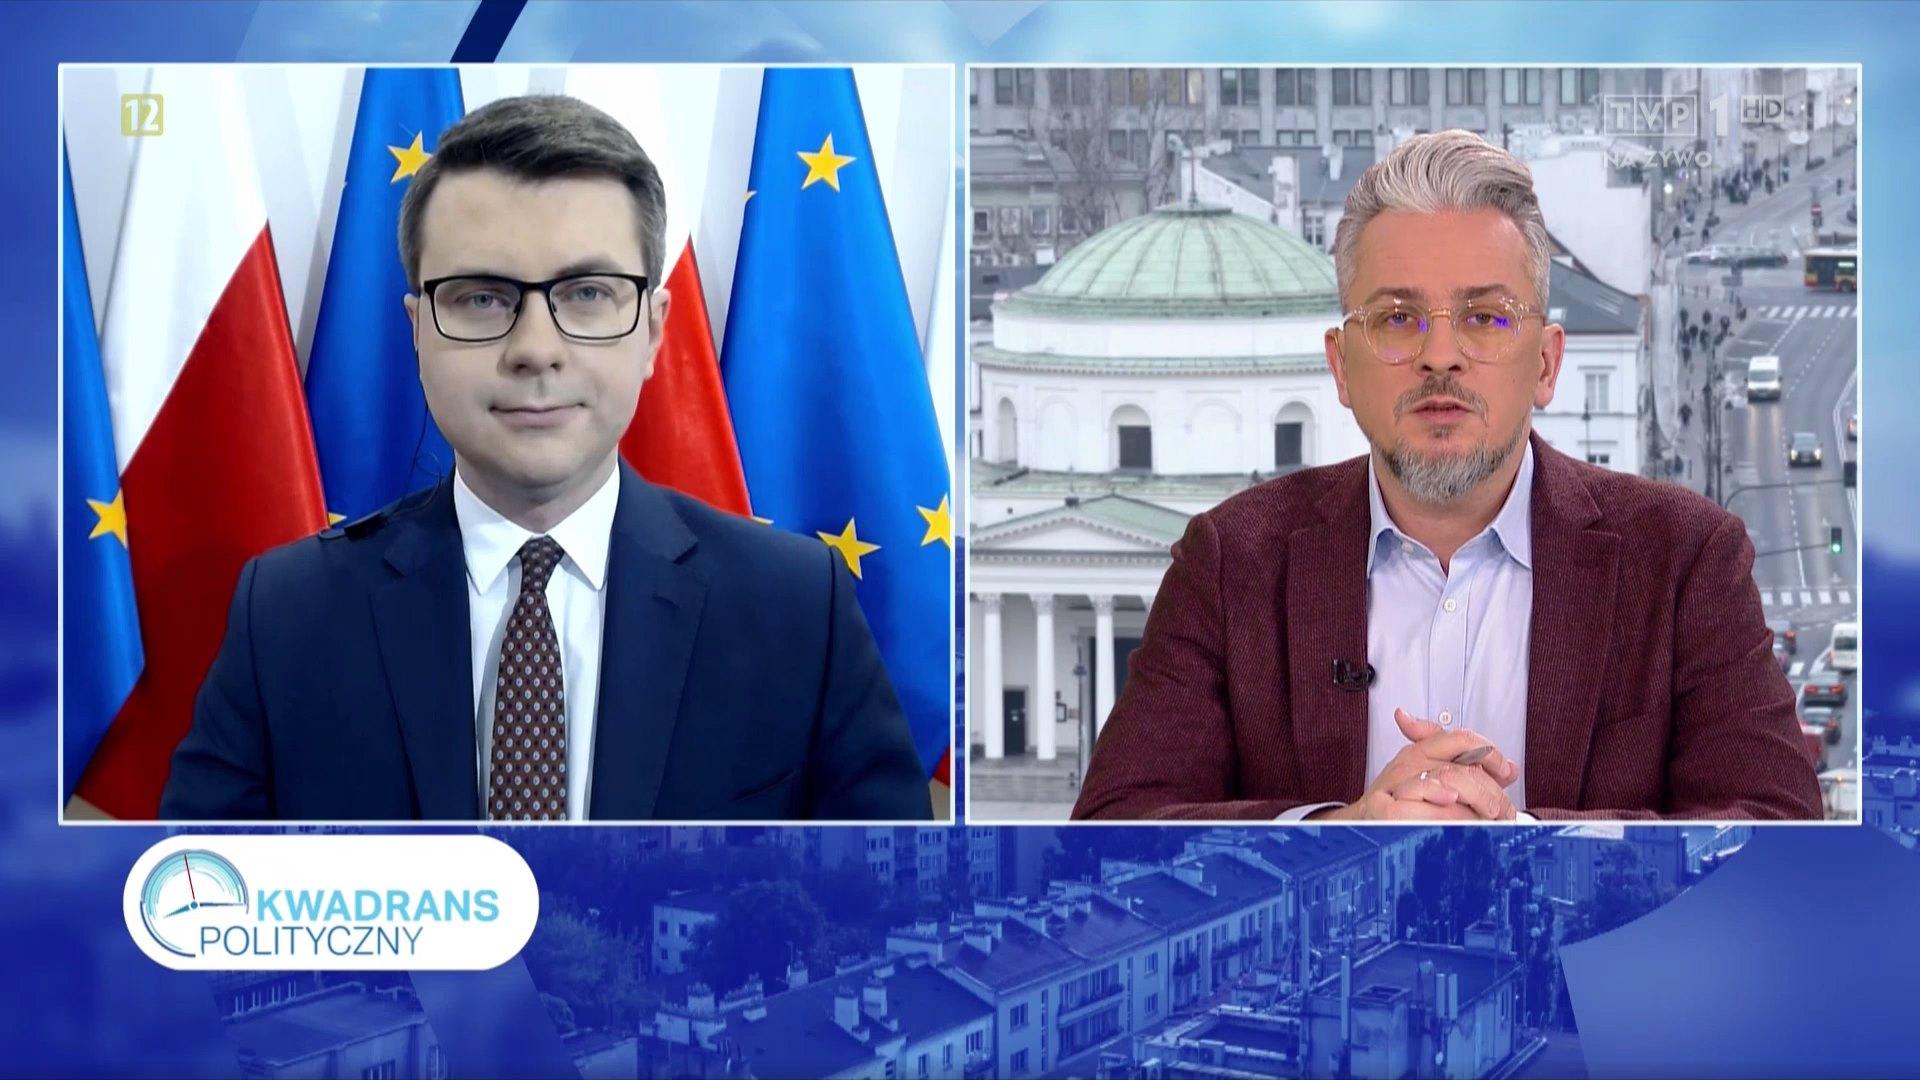 W poniedziałkowy poranek Piotr Müller, rzecznik rządu i Poseł na Sejm RP gościem programu Kwadrans polityczny w TVP1.